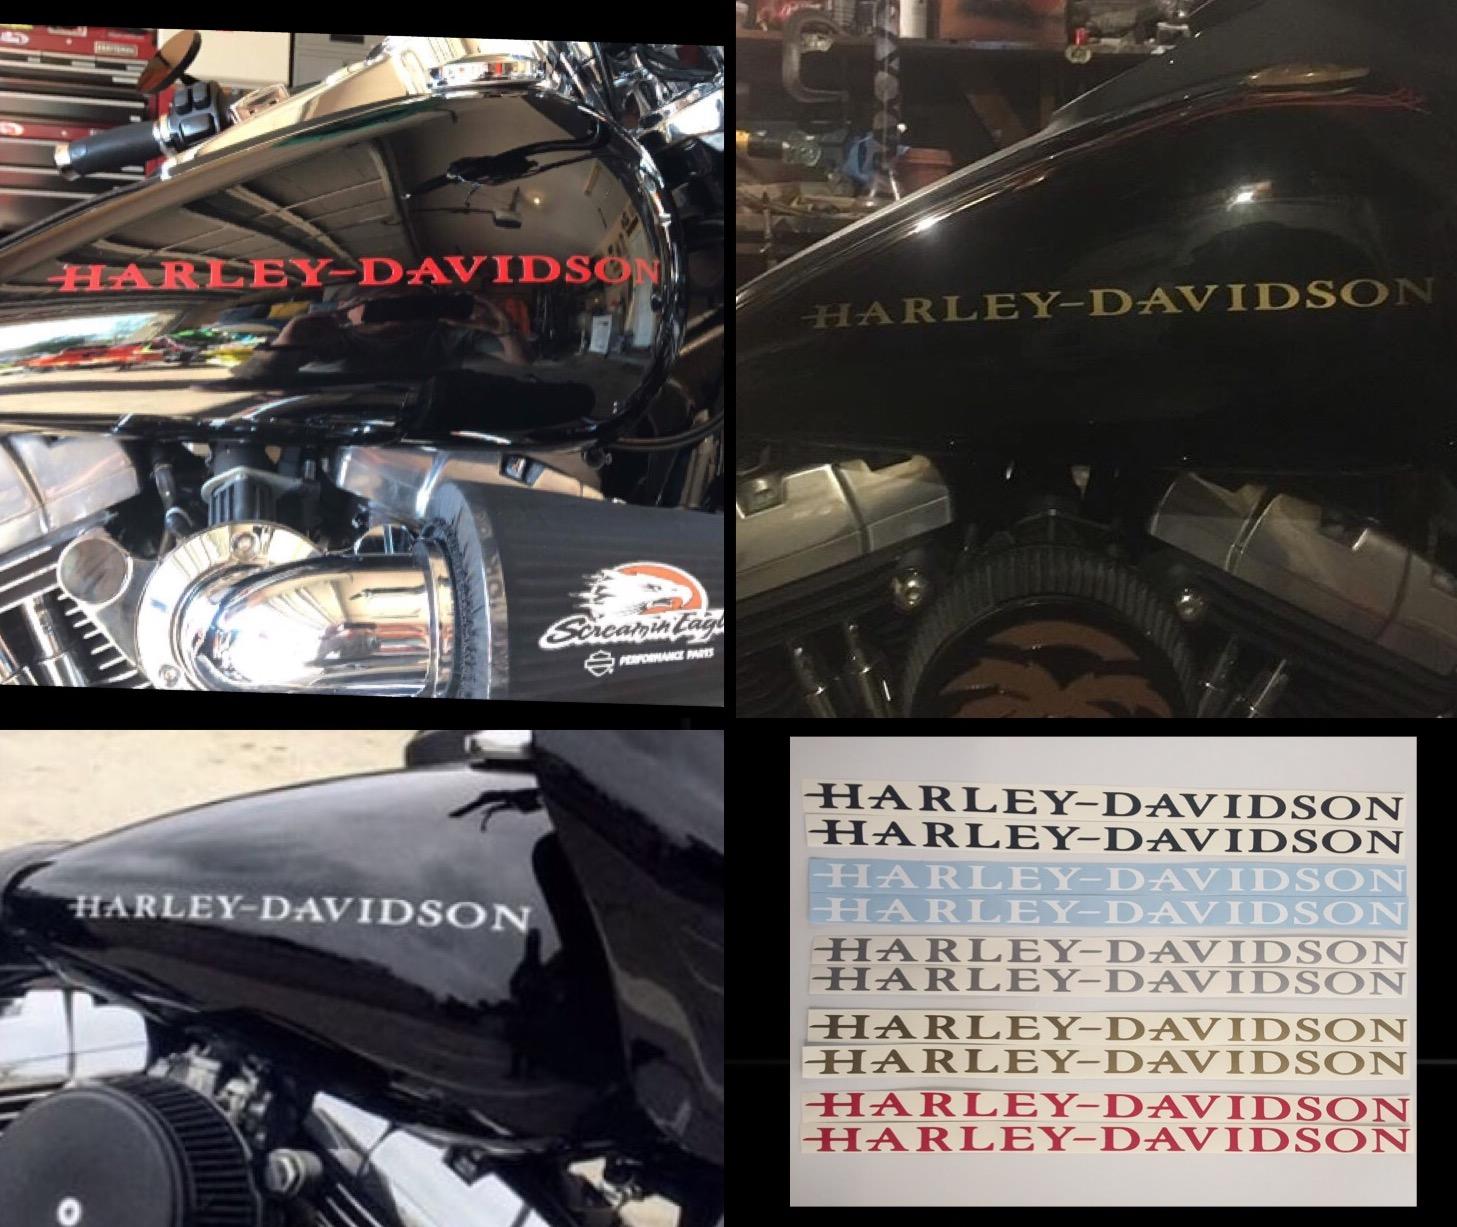 Harley davidson gas tank decals